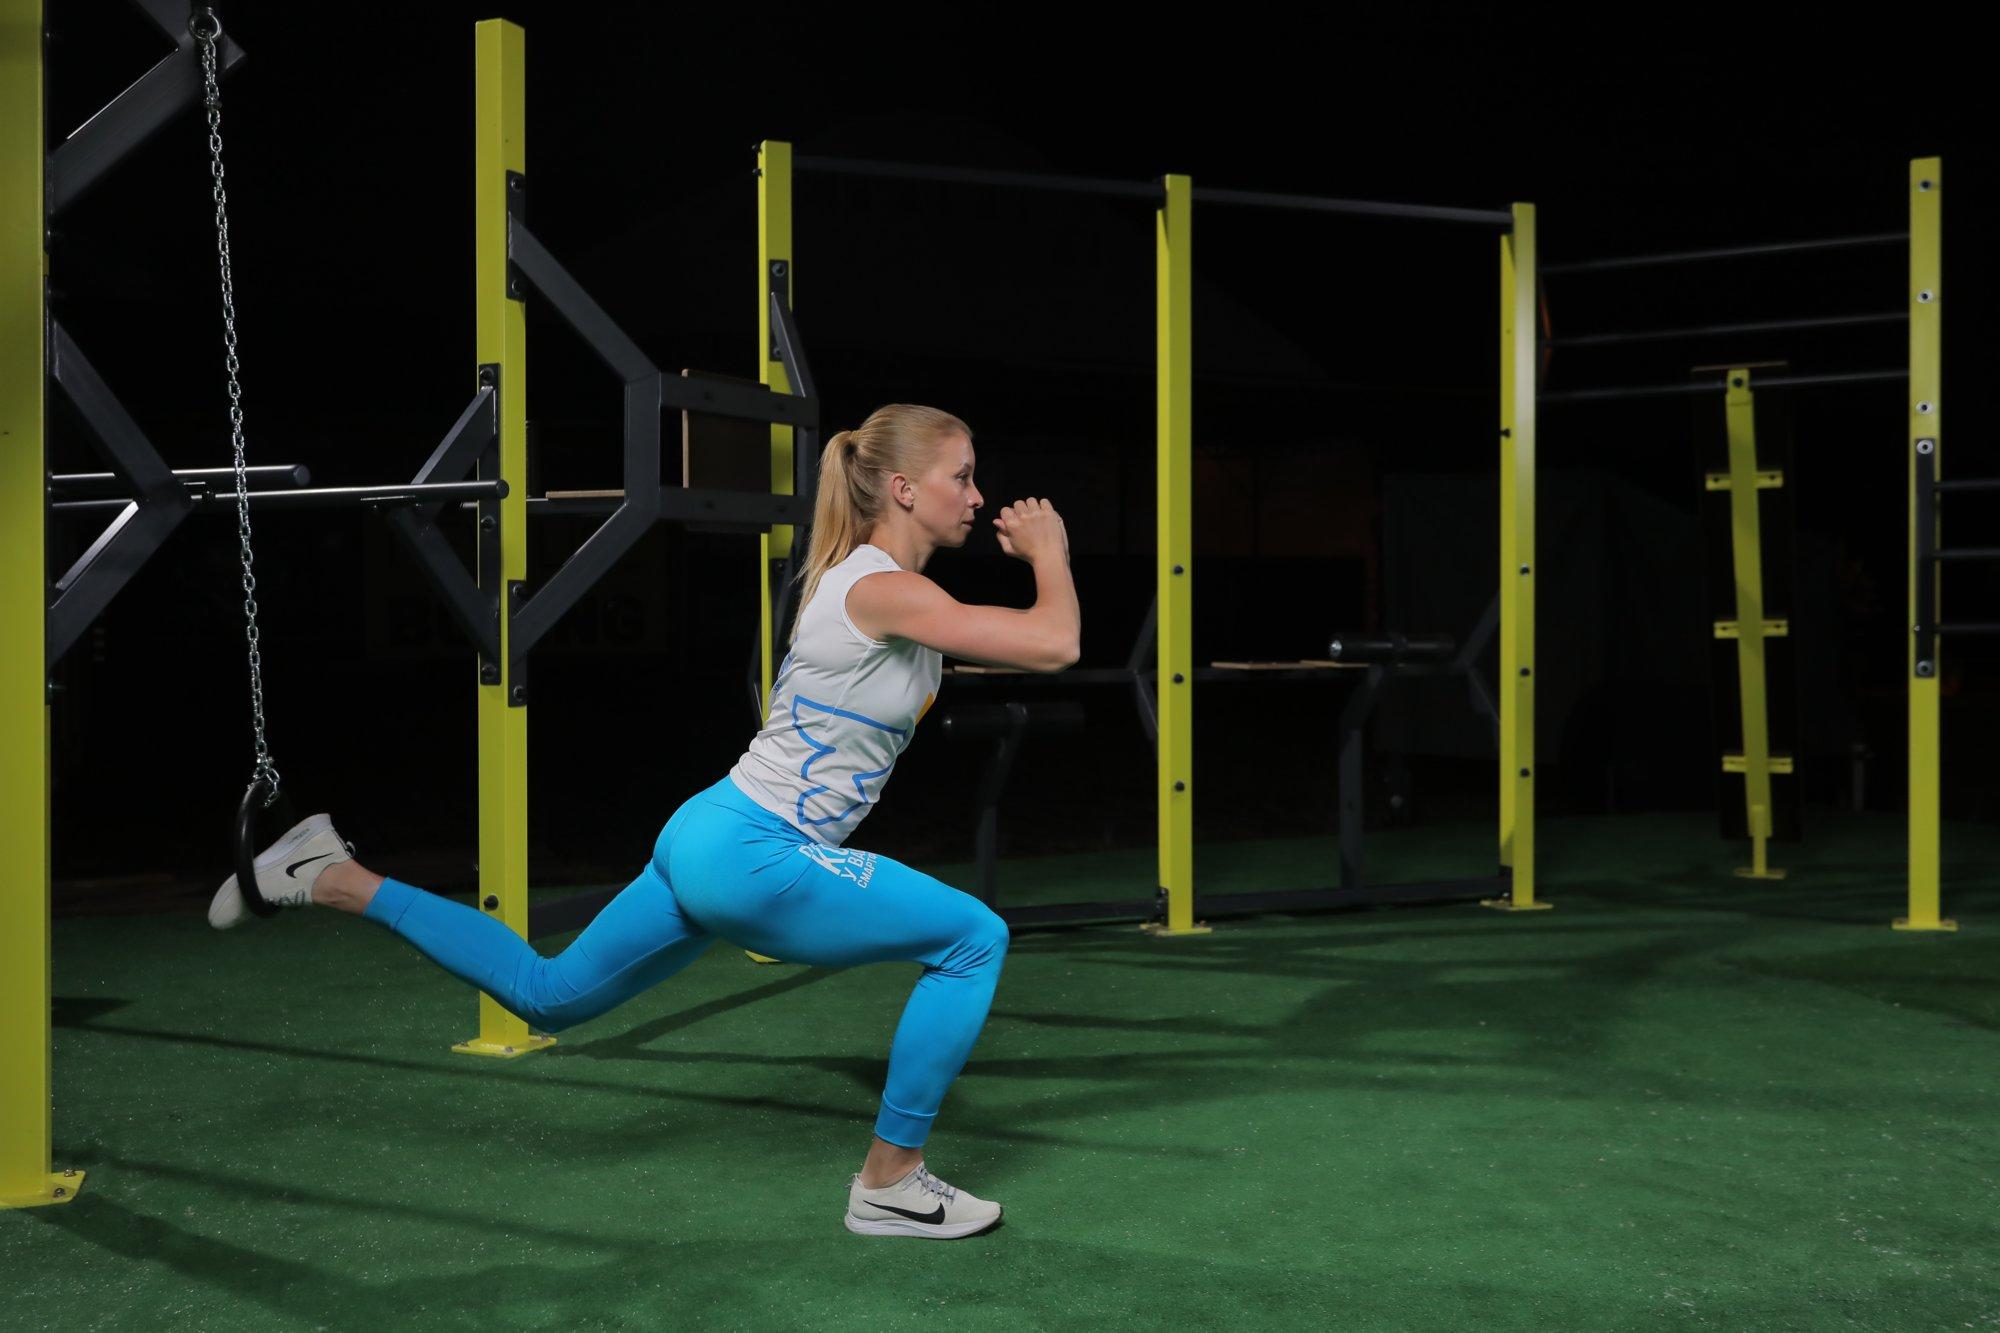 Тренируйся как чемпион: в X-PARK открылась инновационная спортивная локация